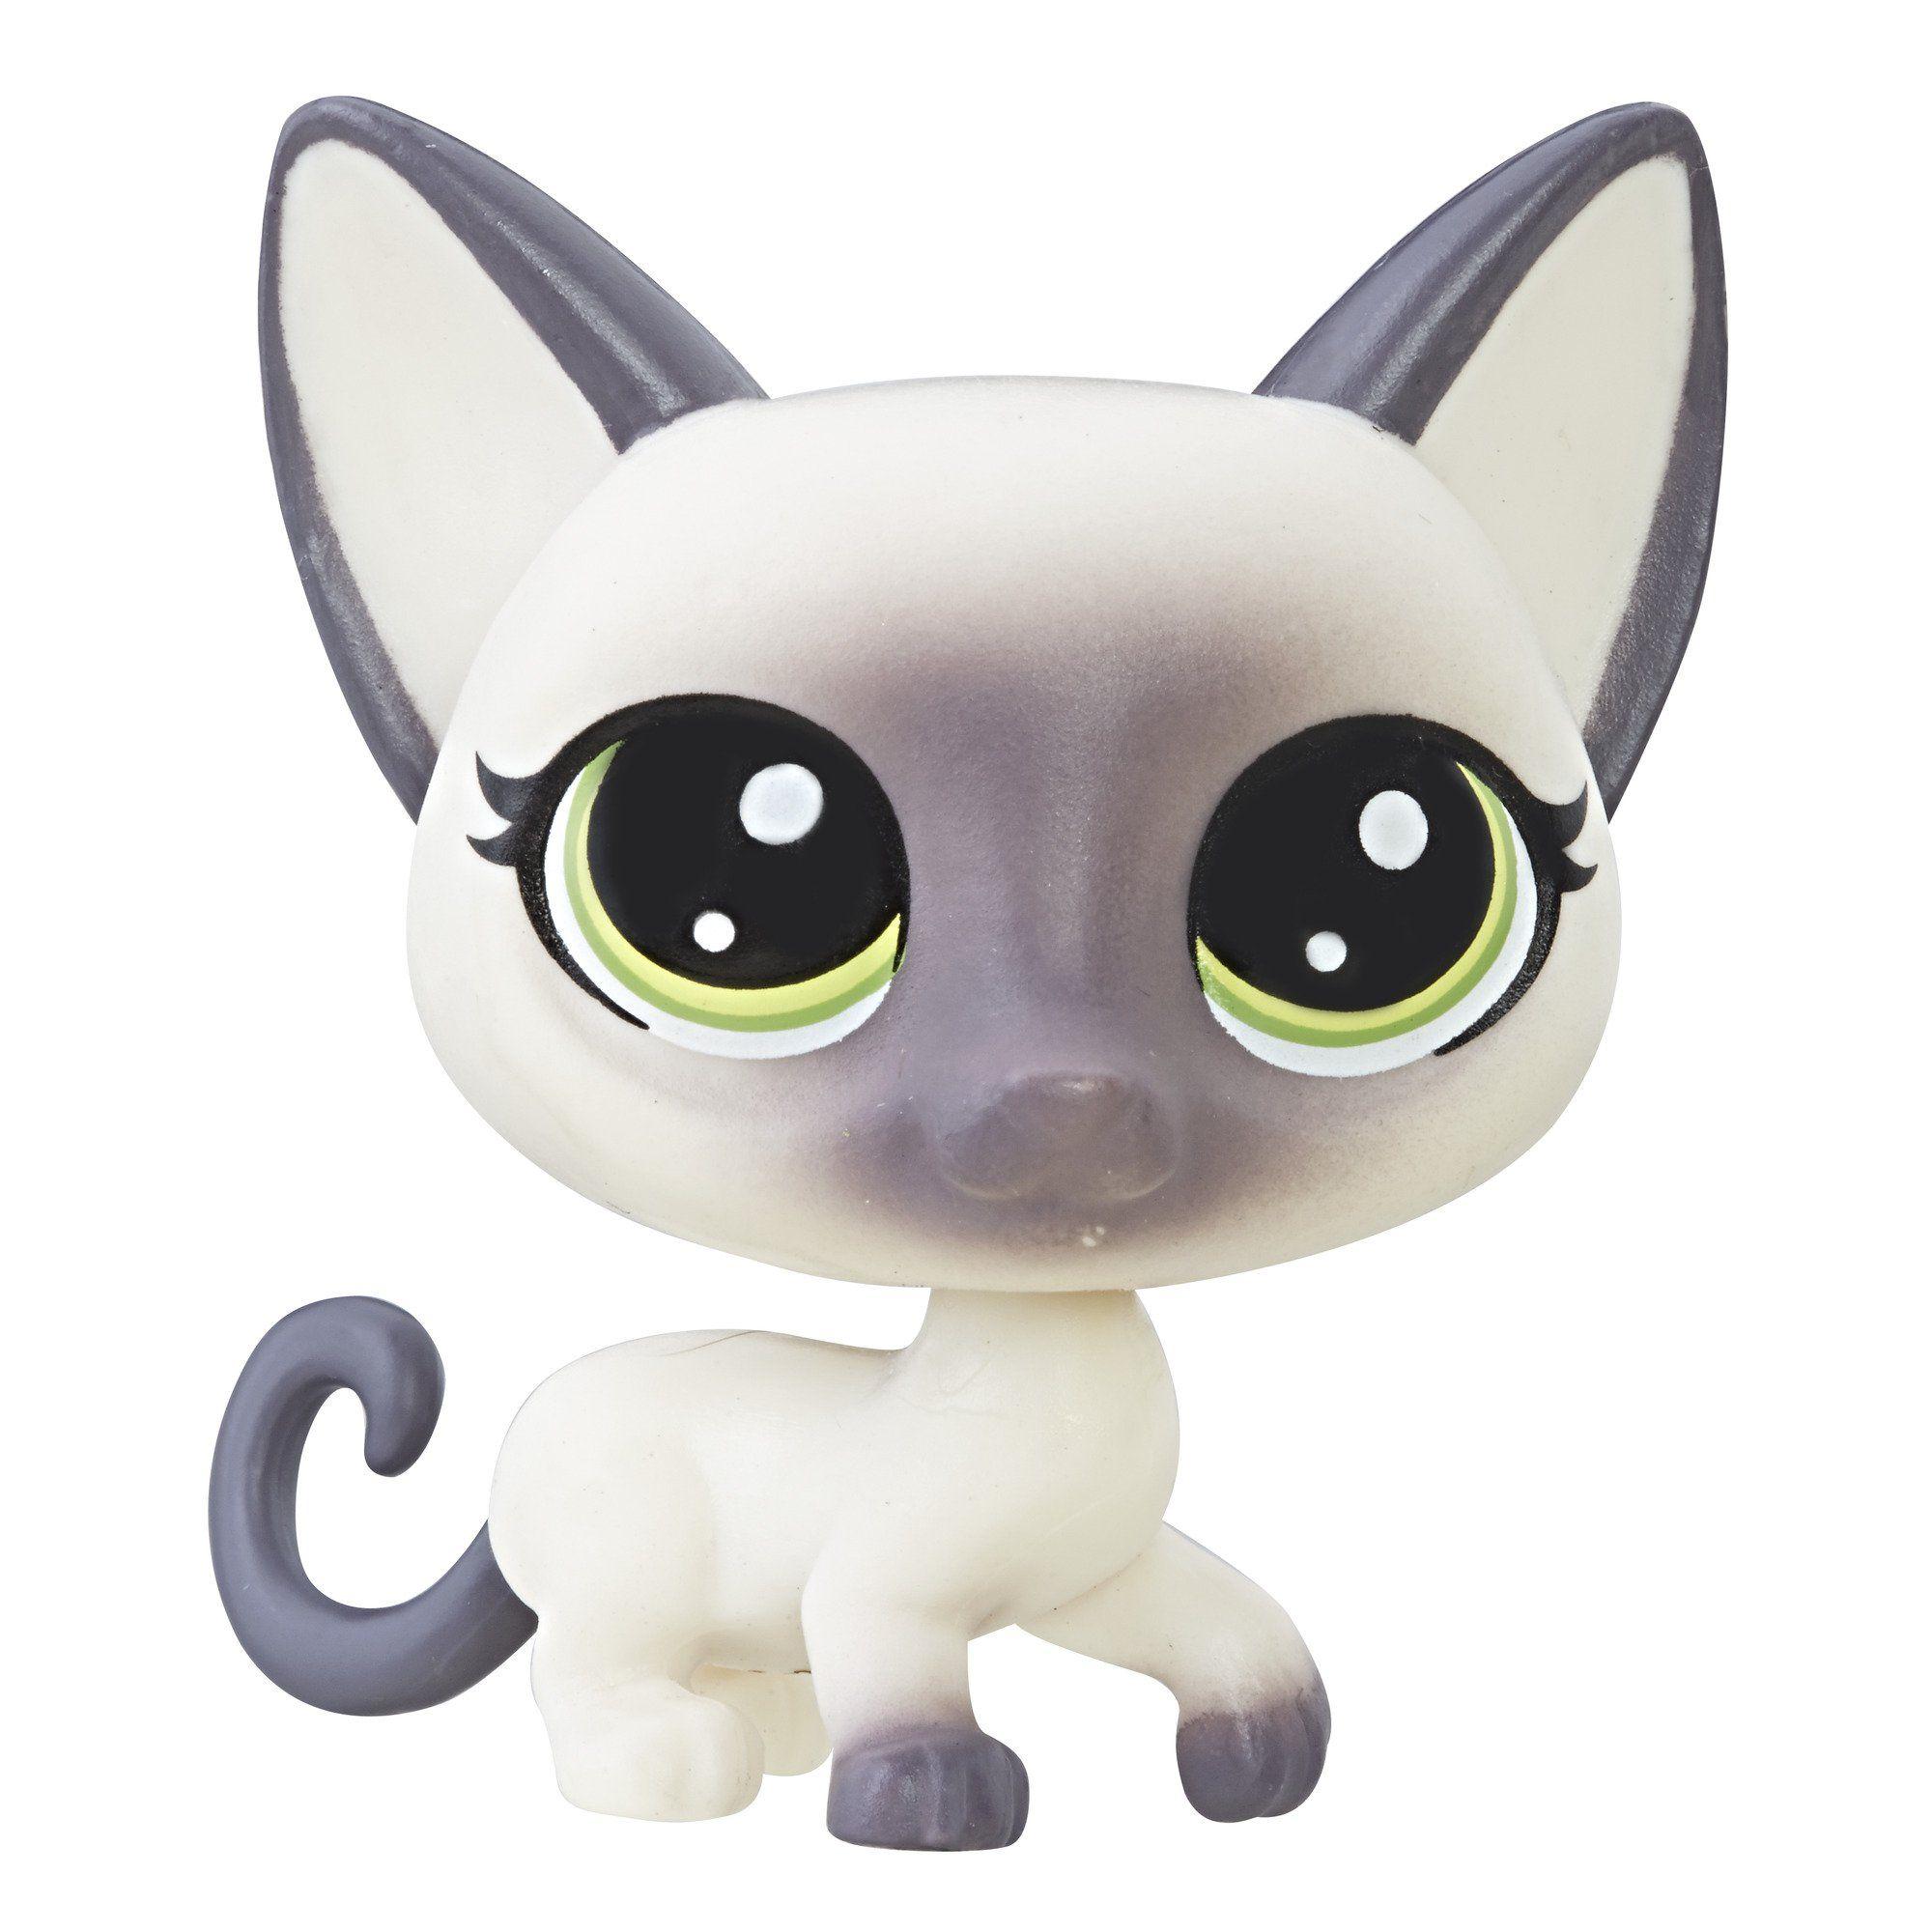 Littlest Pet Shop Single Pet Playset Assortment Loads Of Cute And